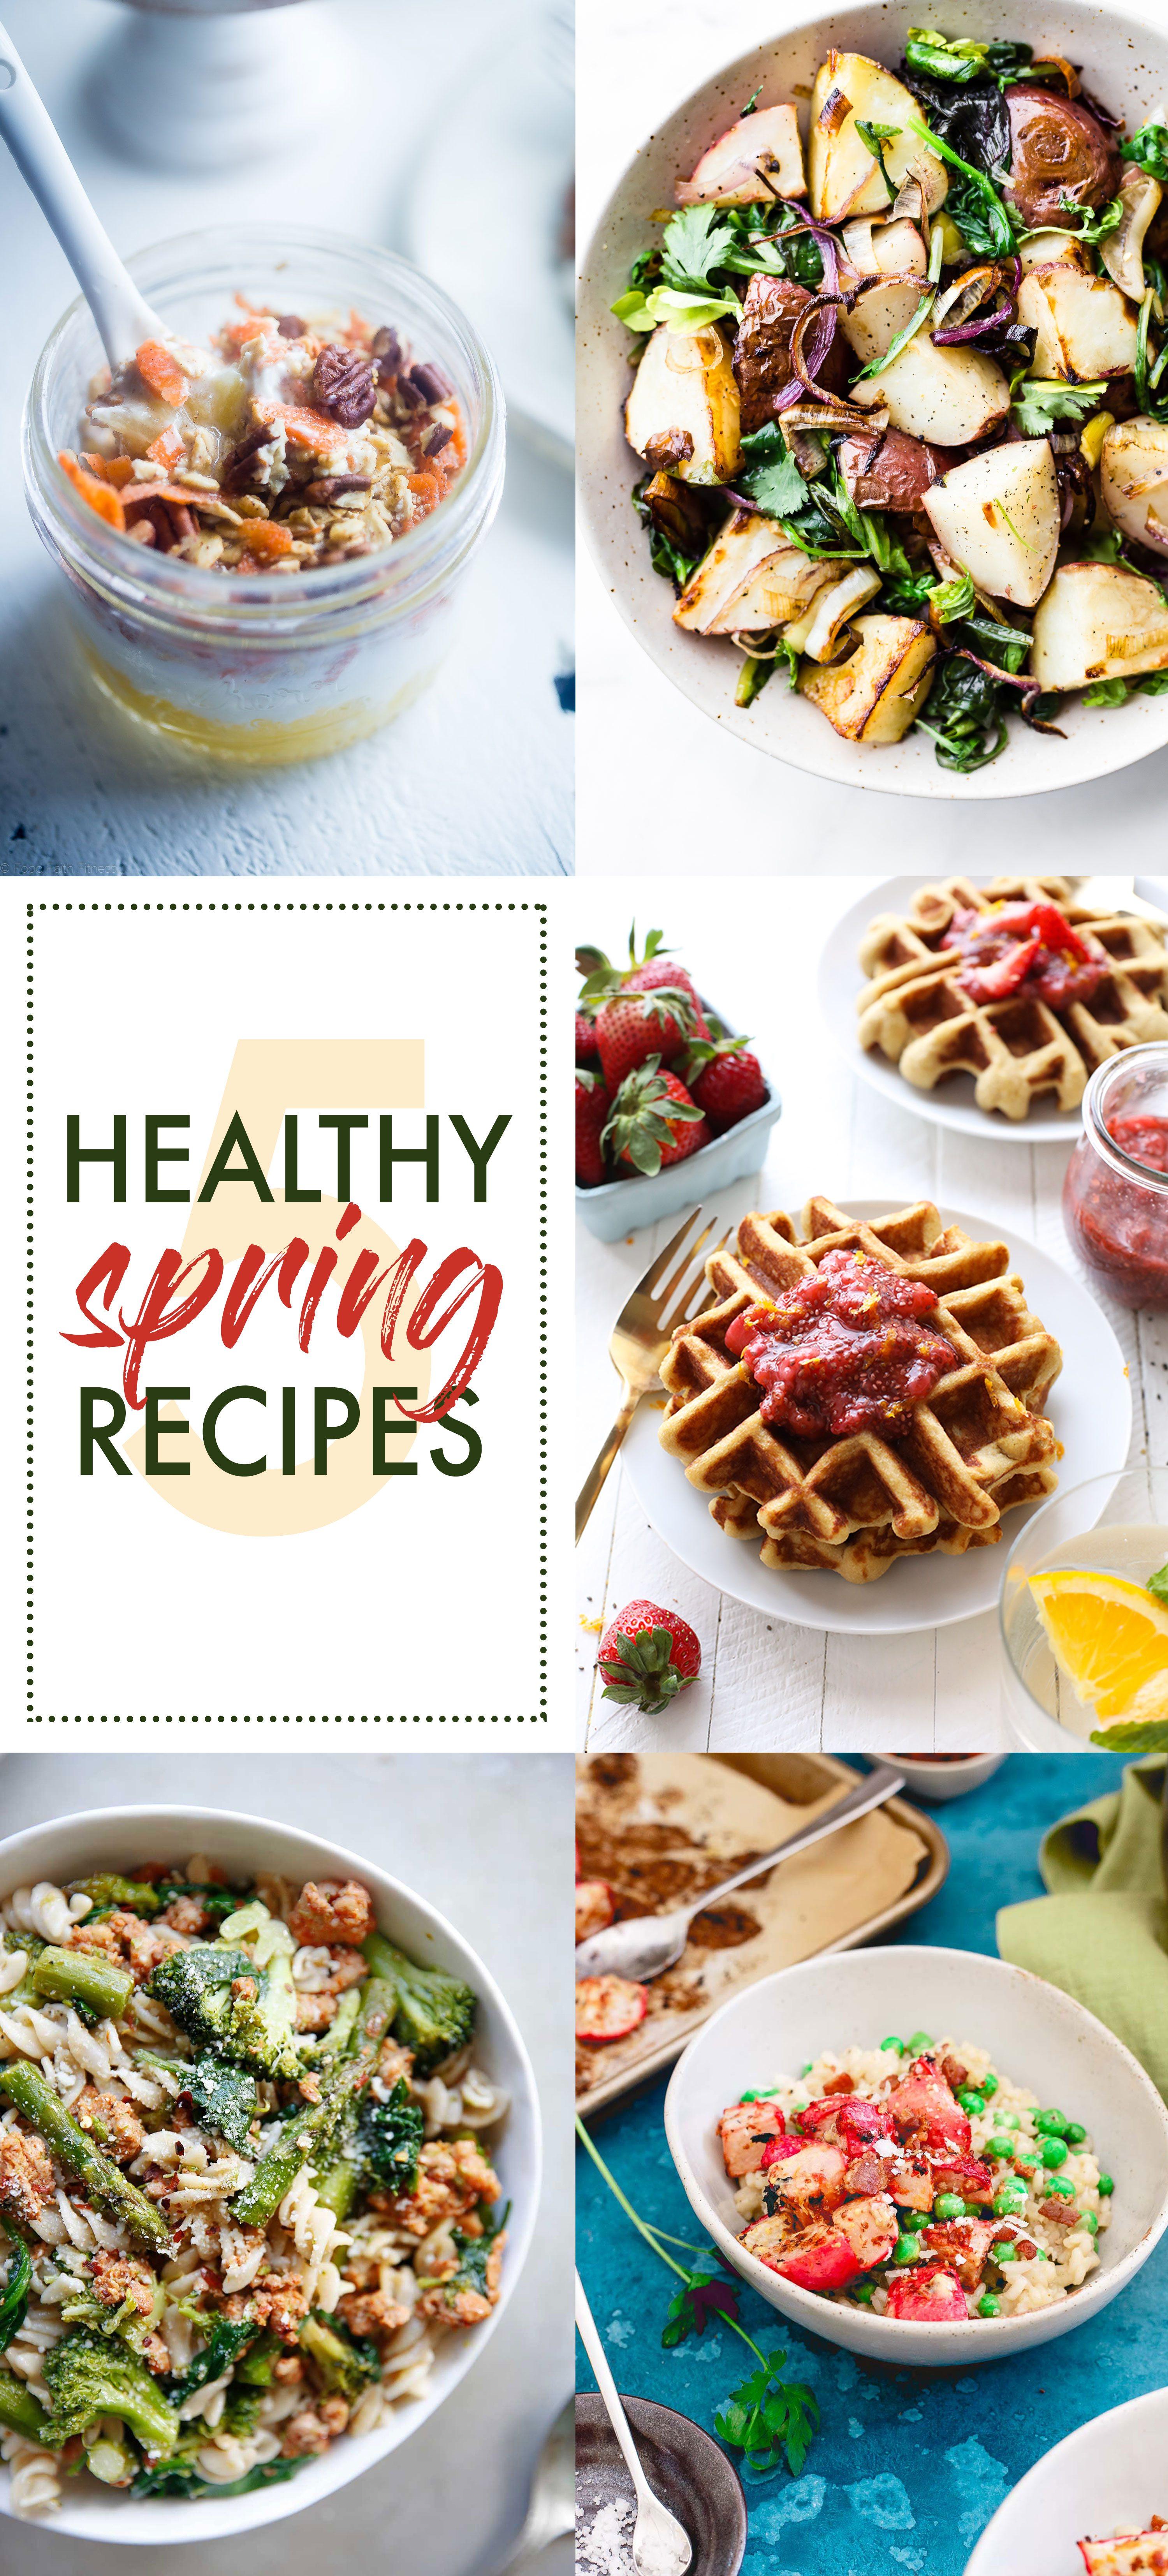 5 Healthy Spring Recipes